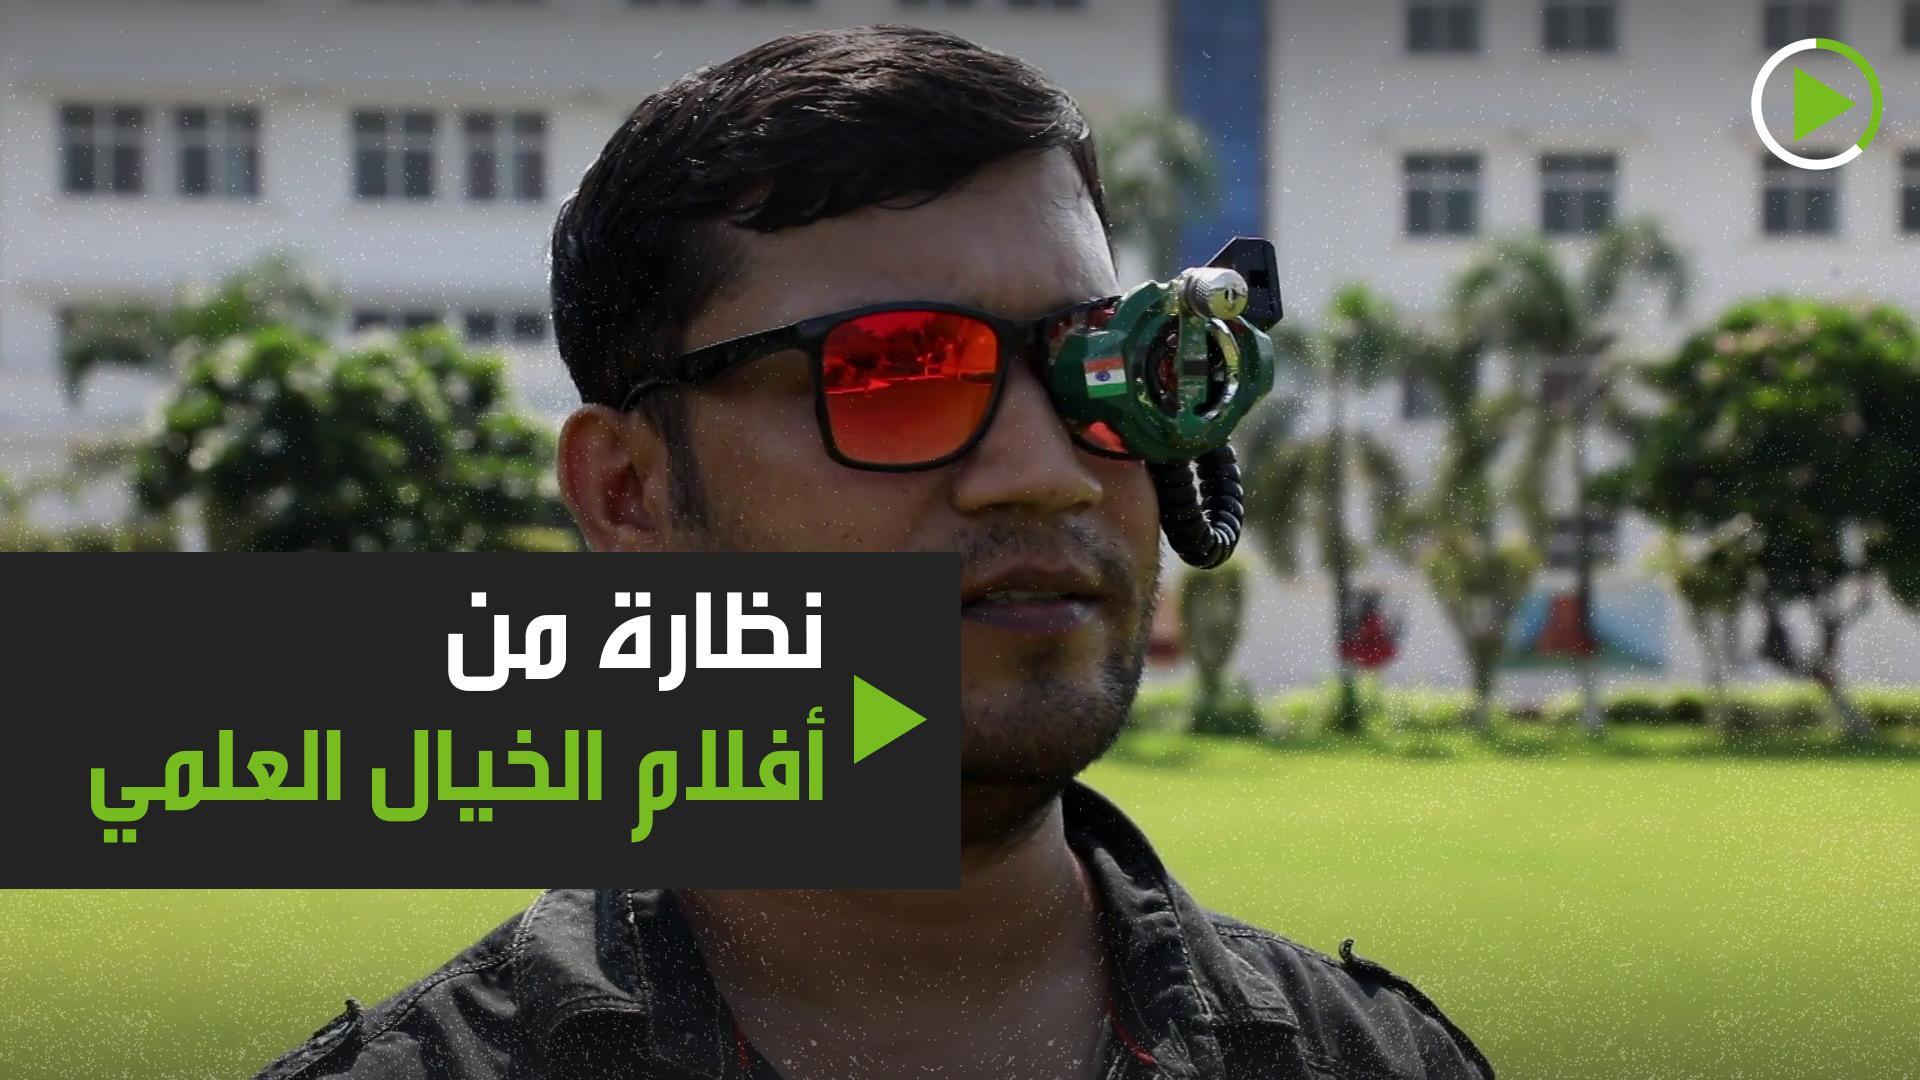 هندي يصمم نظارة من أفلام الخيال العلمي